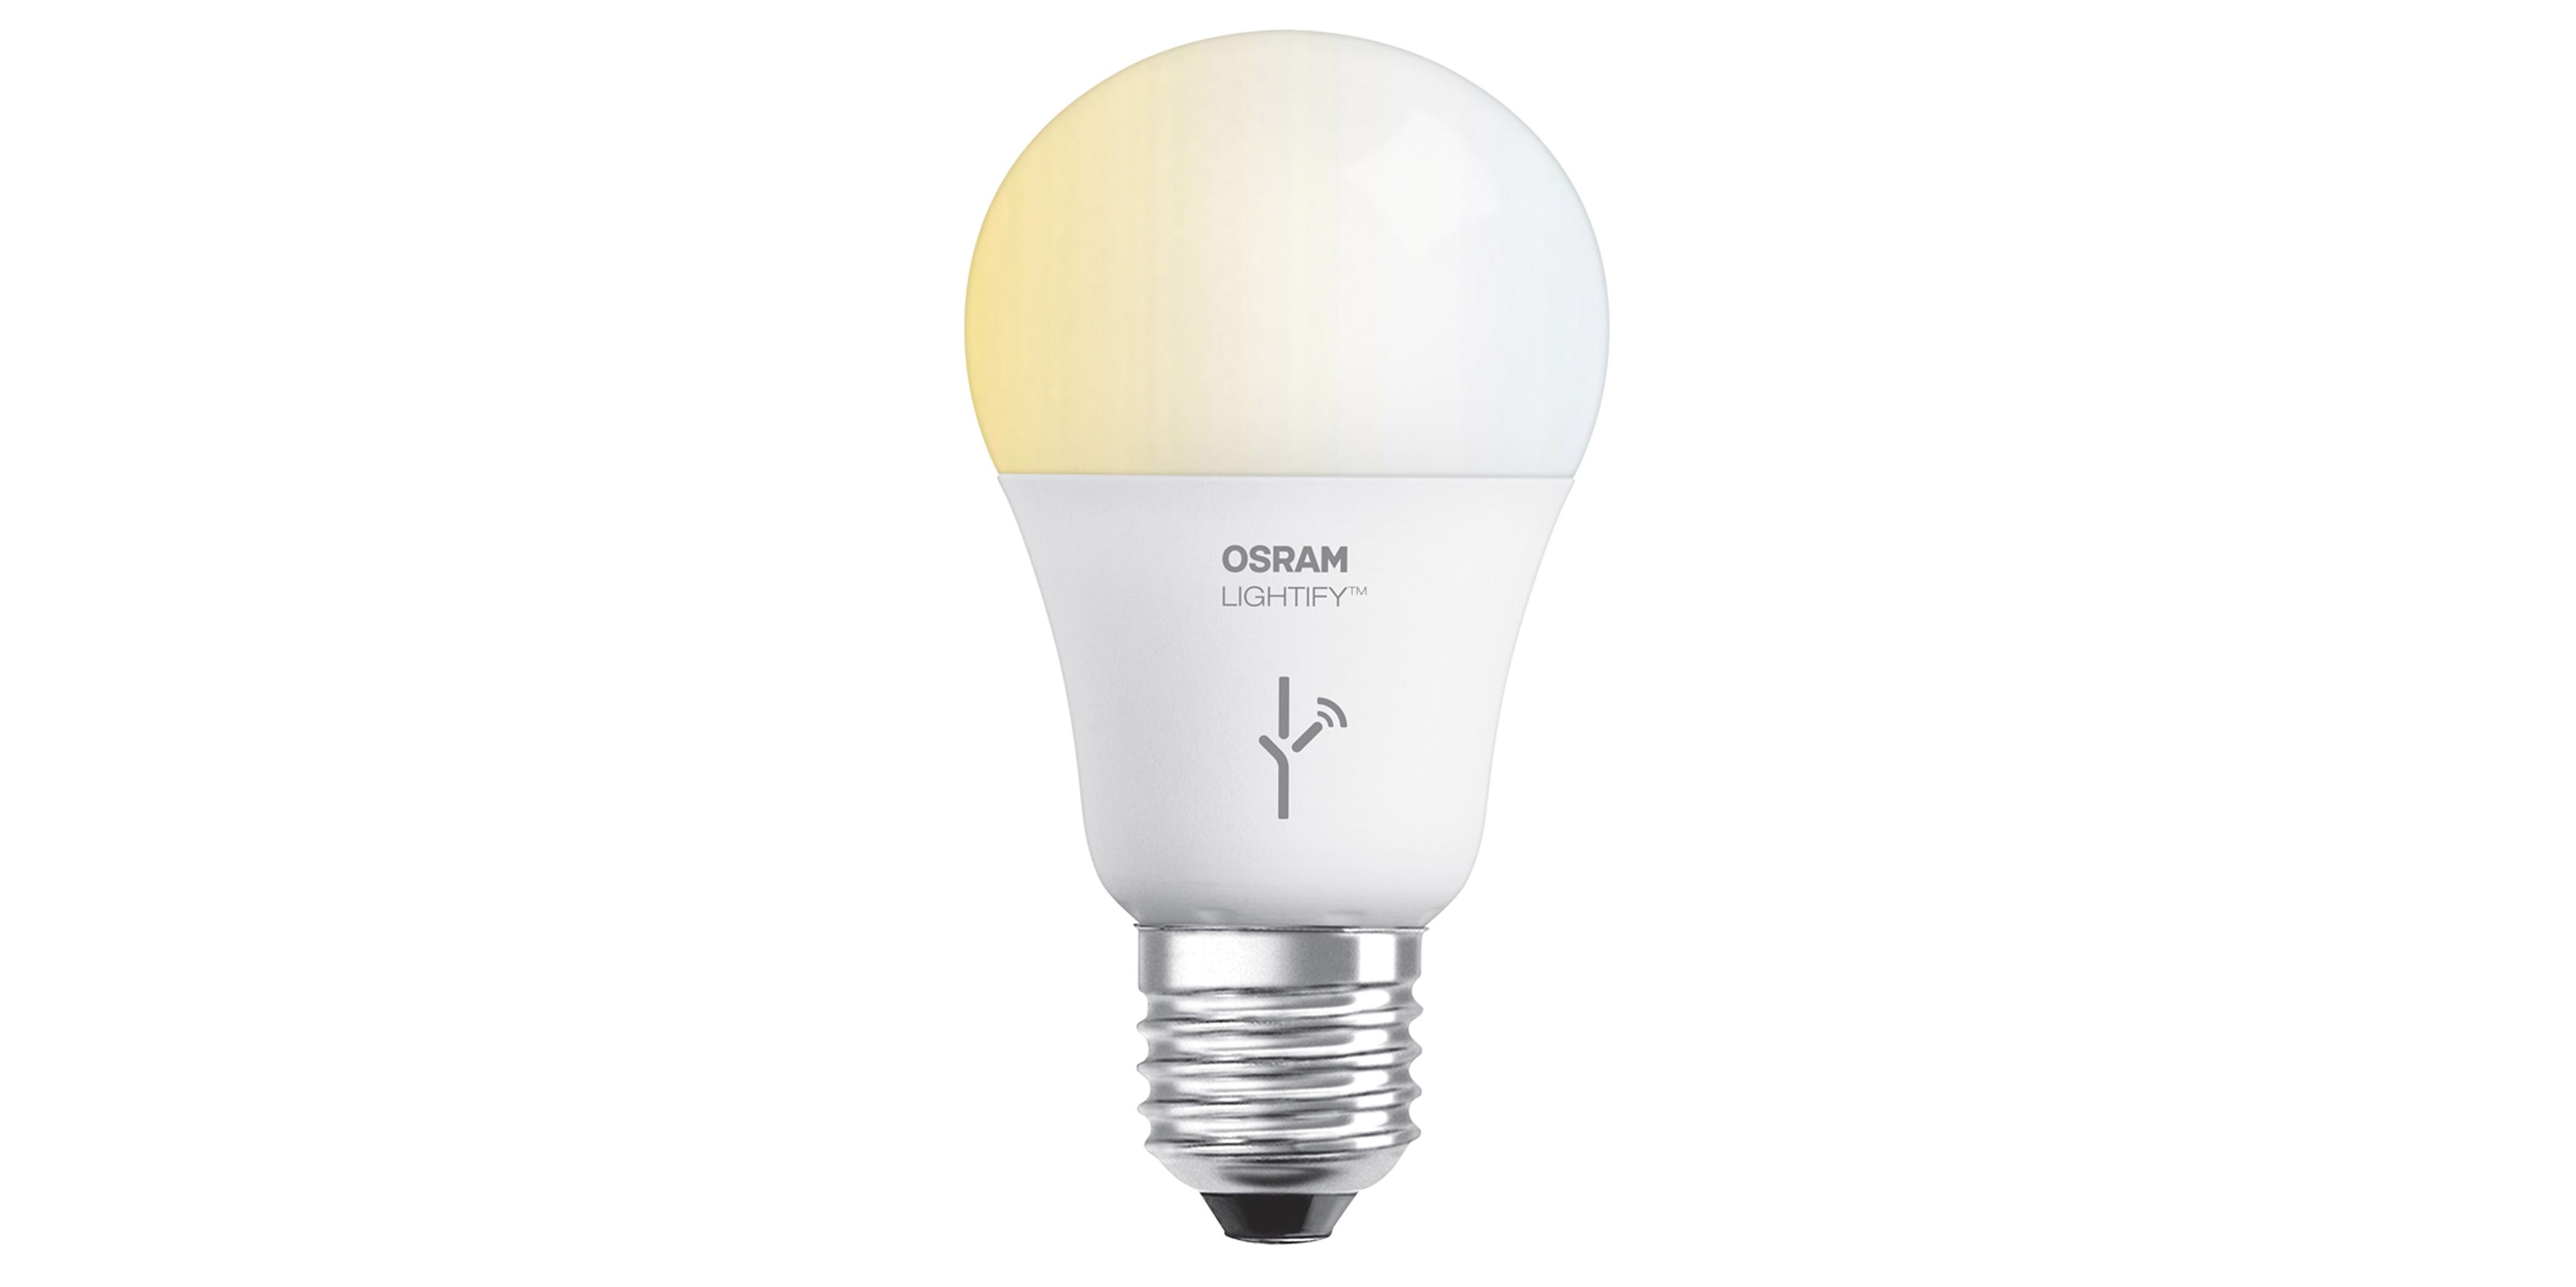 osram-led-light